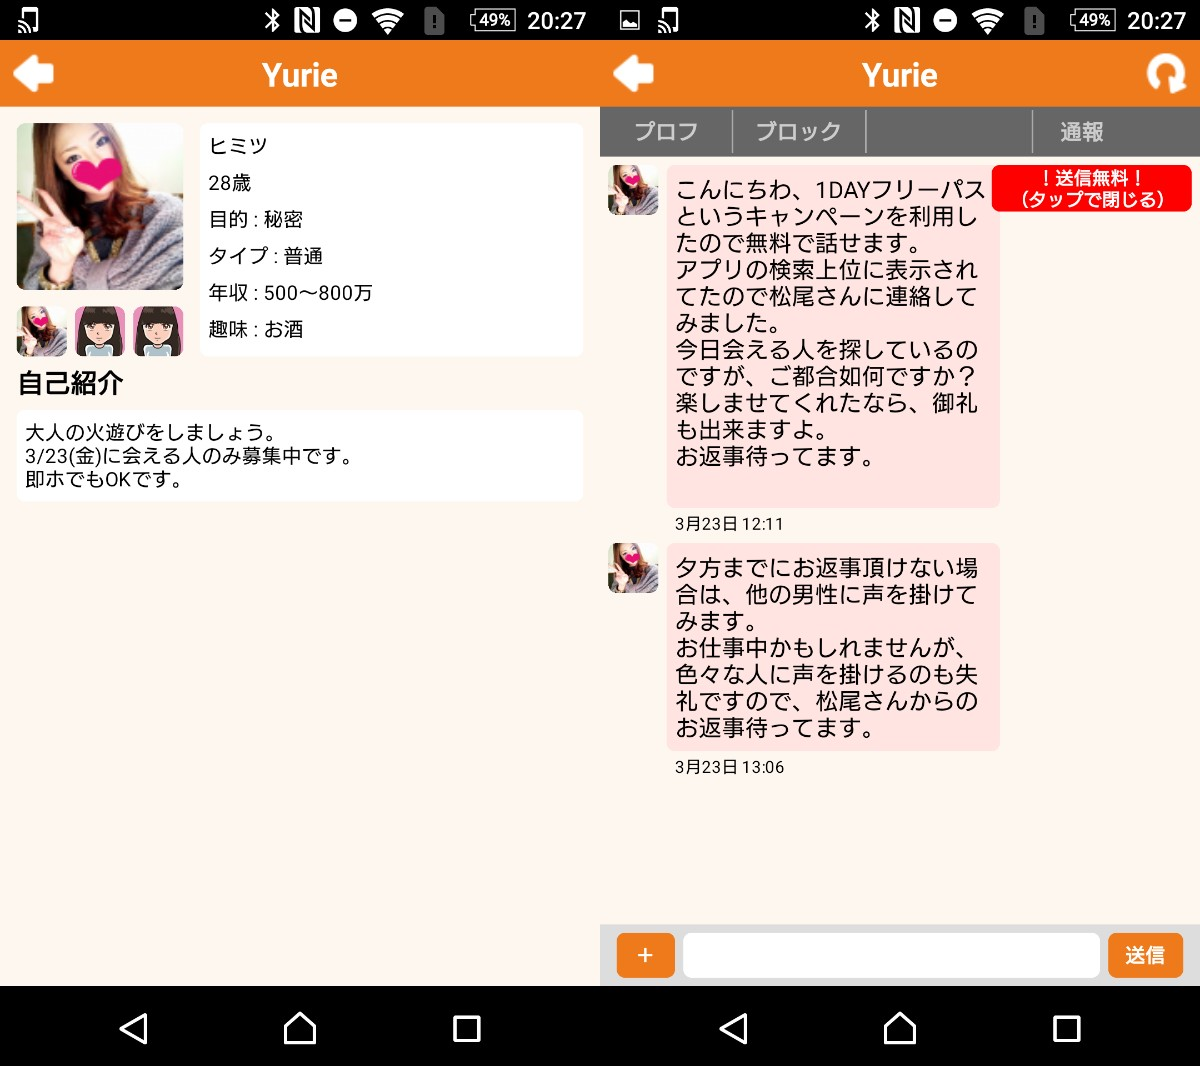 サクラ悪質出会い系アプリ「HOT-絆-」サクラ